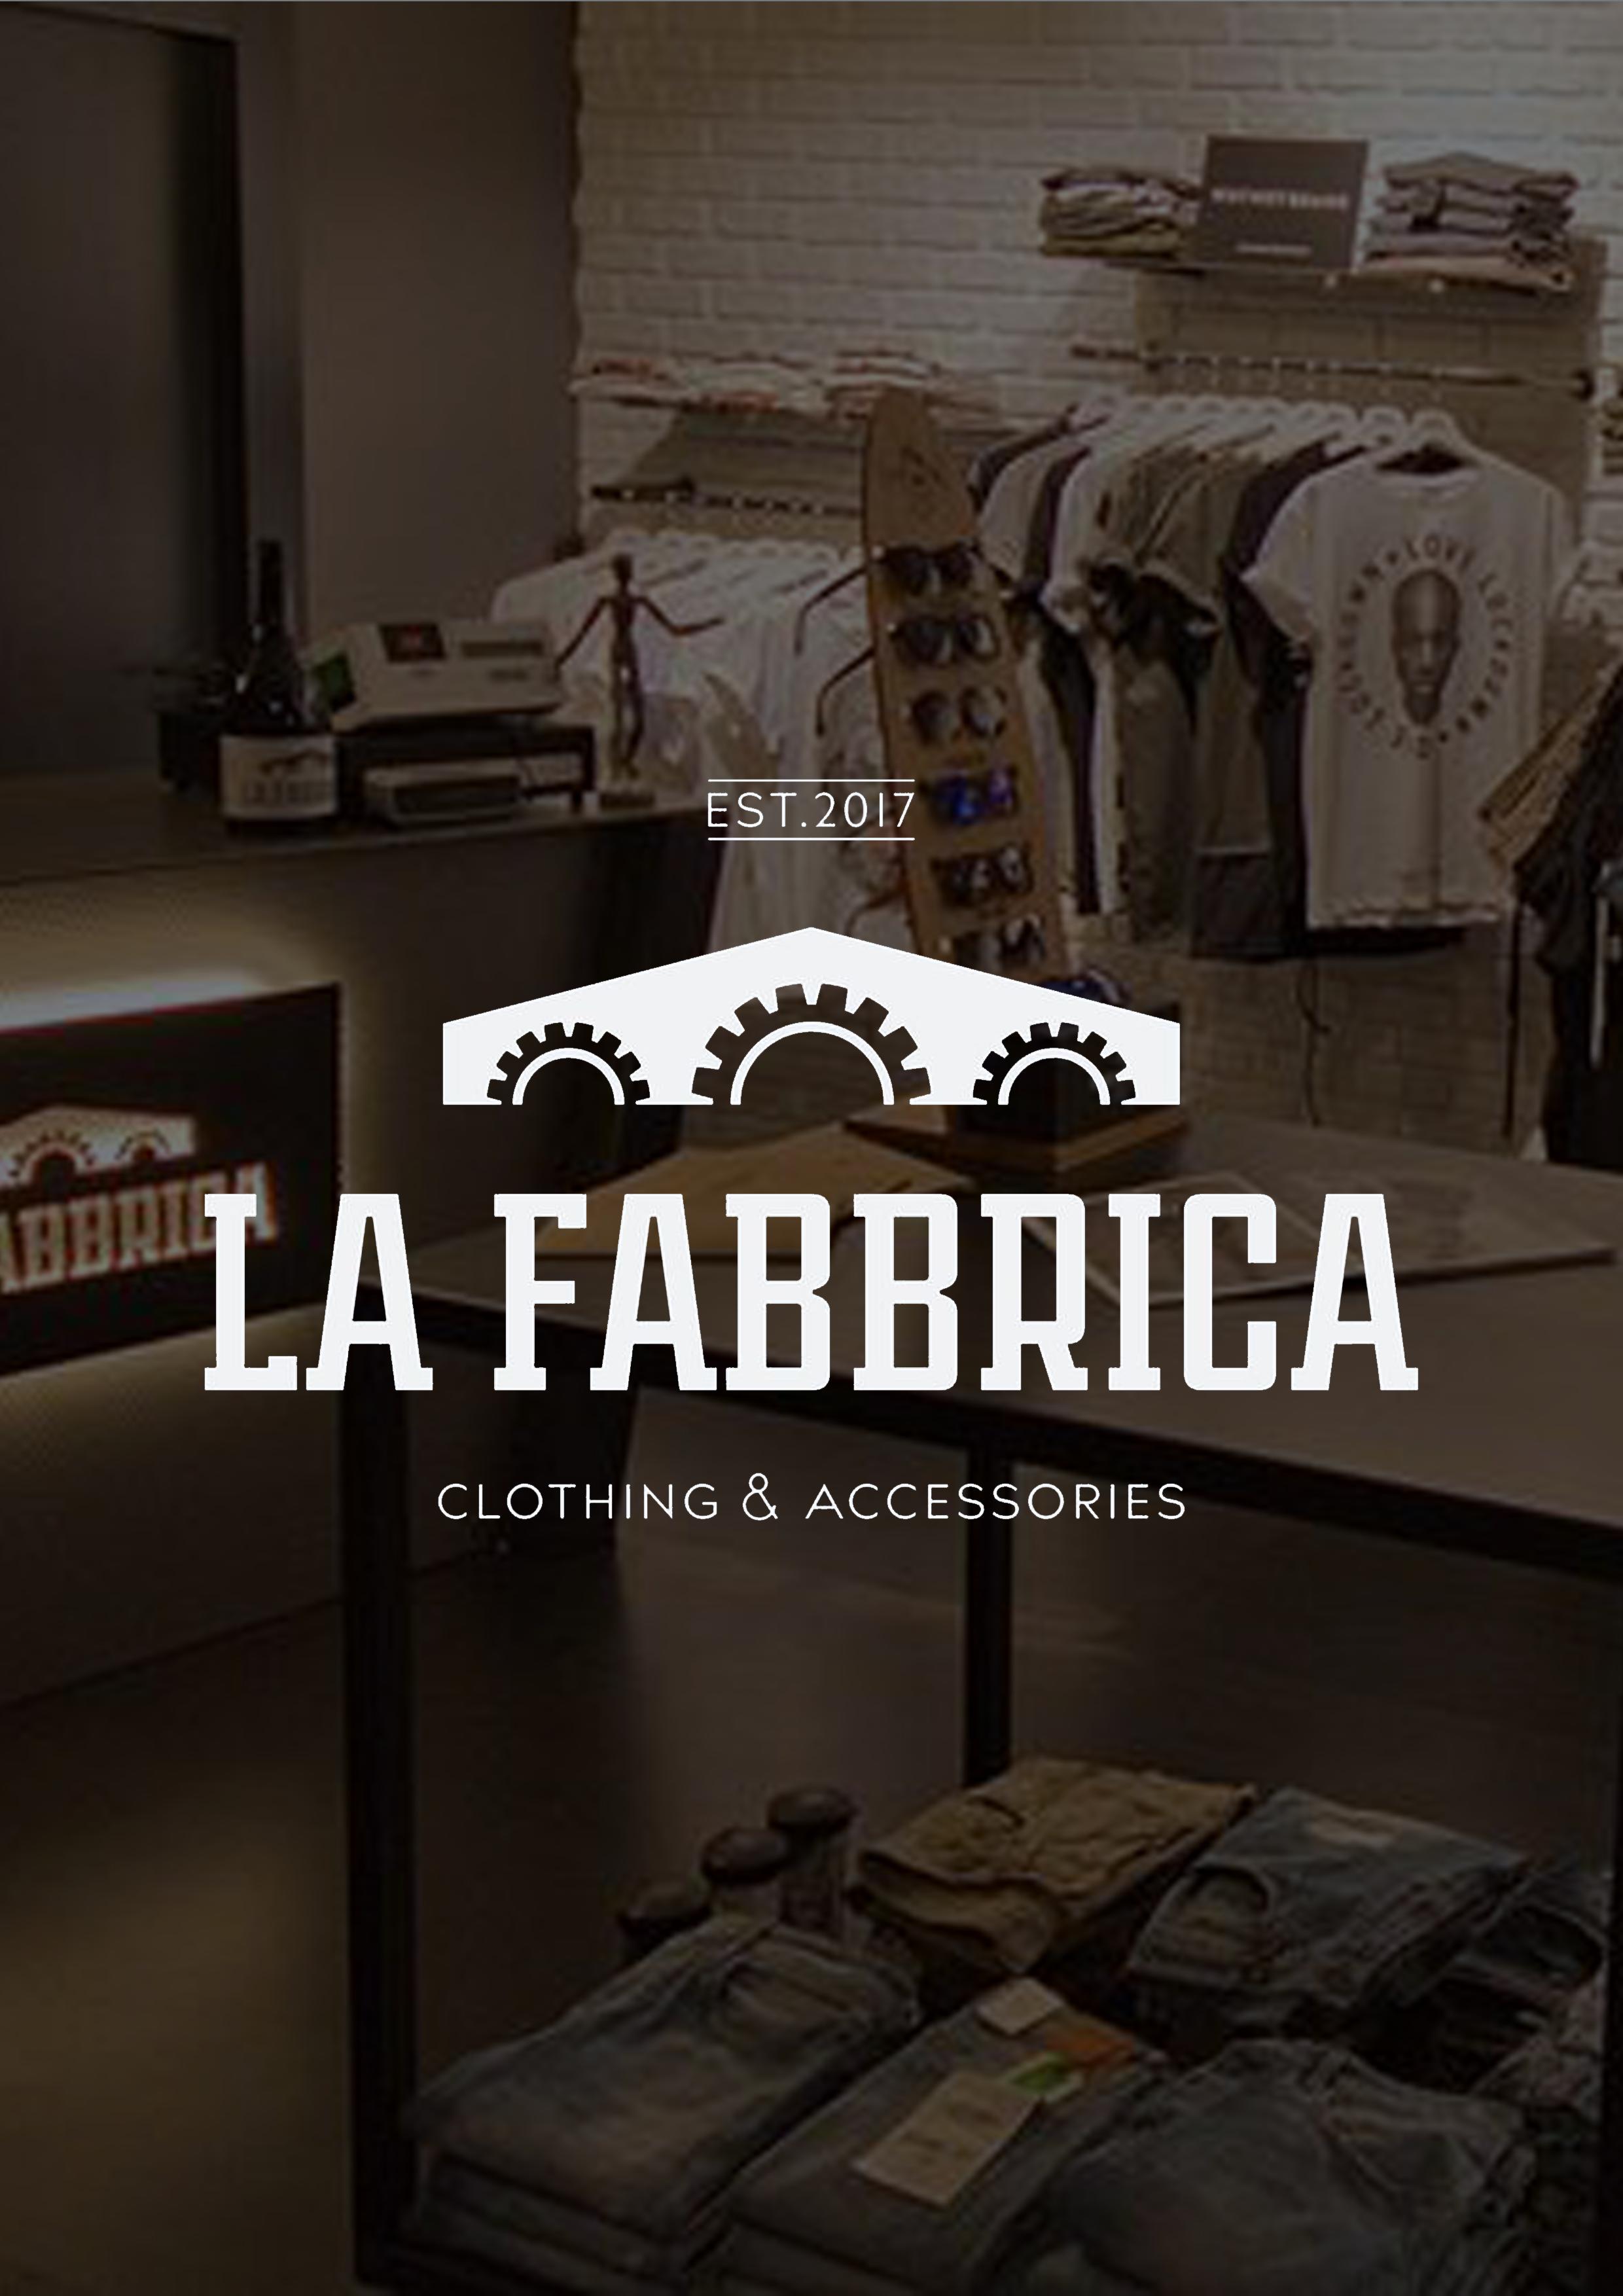 Immagine di copertina del progetto La Fabbrica con interno del negozio e logo in primo piano